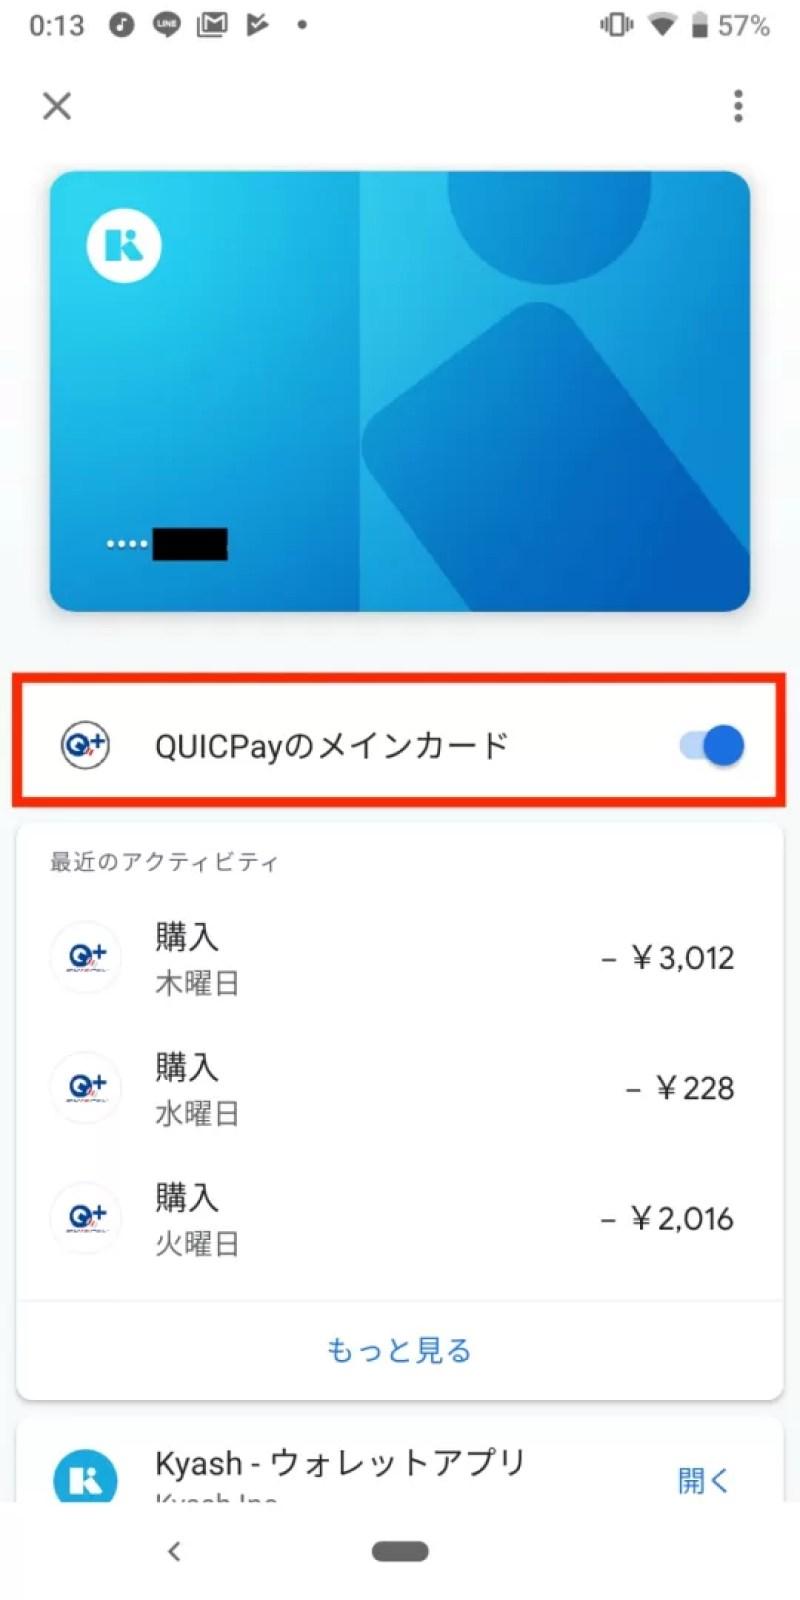 QUICPayのメインカード